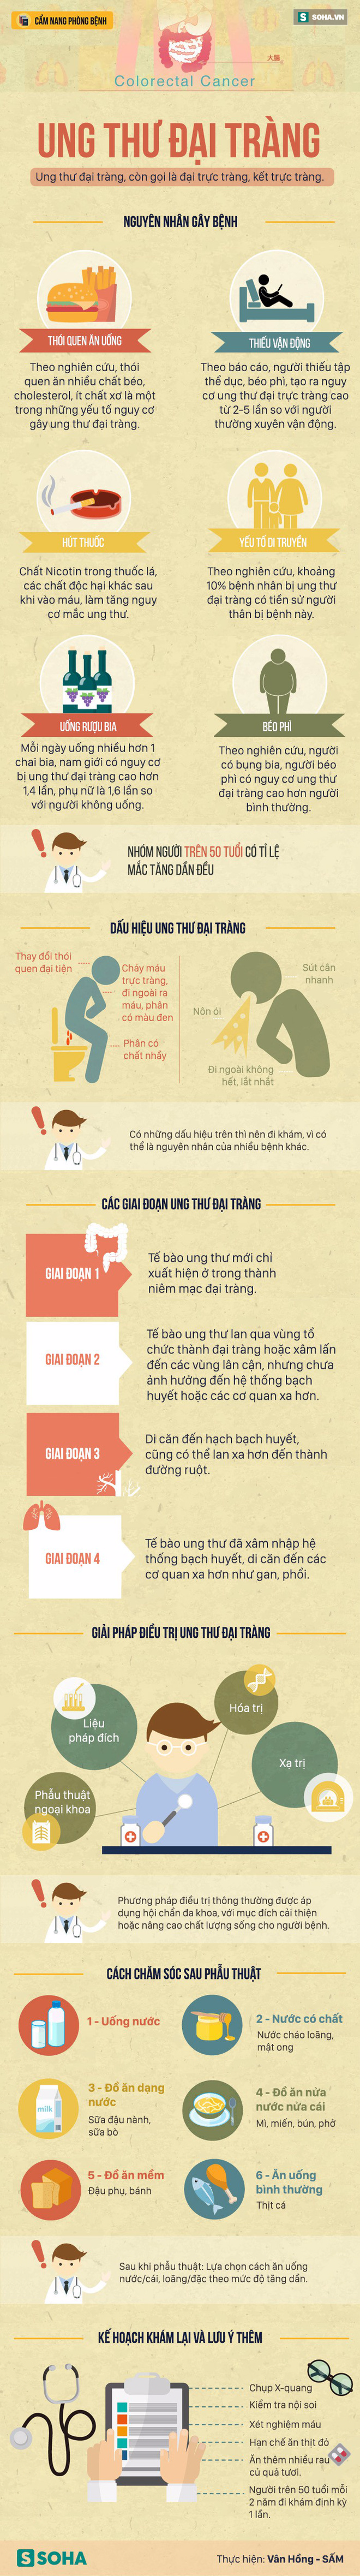 [Cẩm nang] 6 nguyên nhân gây ung thư đại tràng nhiều người Việt mắc mà không biết - Ảnh 1.